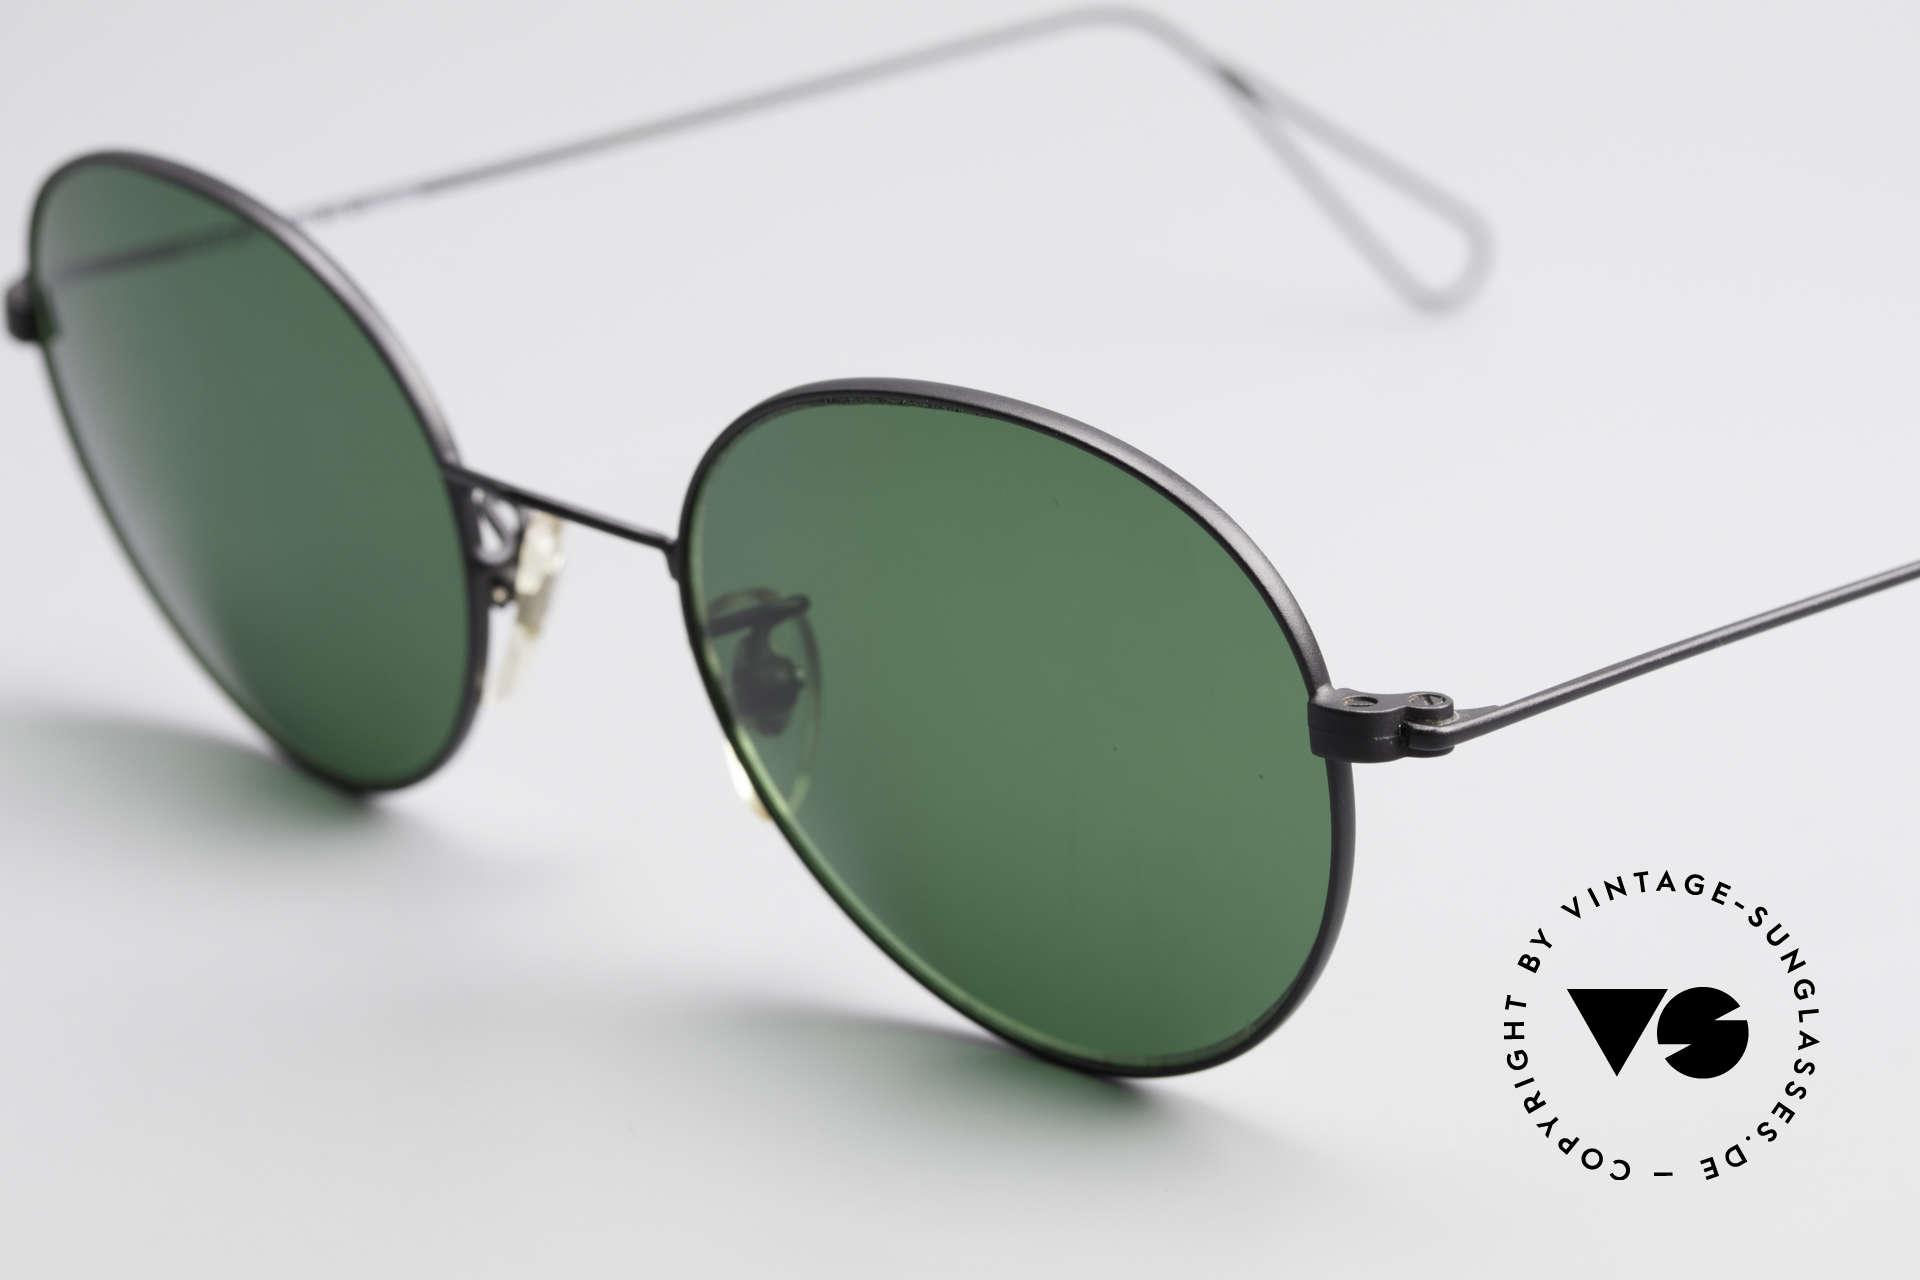 Cutler And Gross 0306 Vintage Panto Sonnenbrille, ungetragen; Modell ist auch beliebig optisch verglasbar, Passend für Herren und Damen